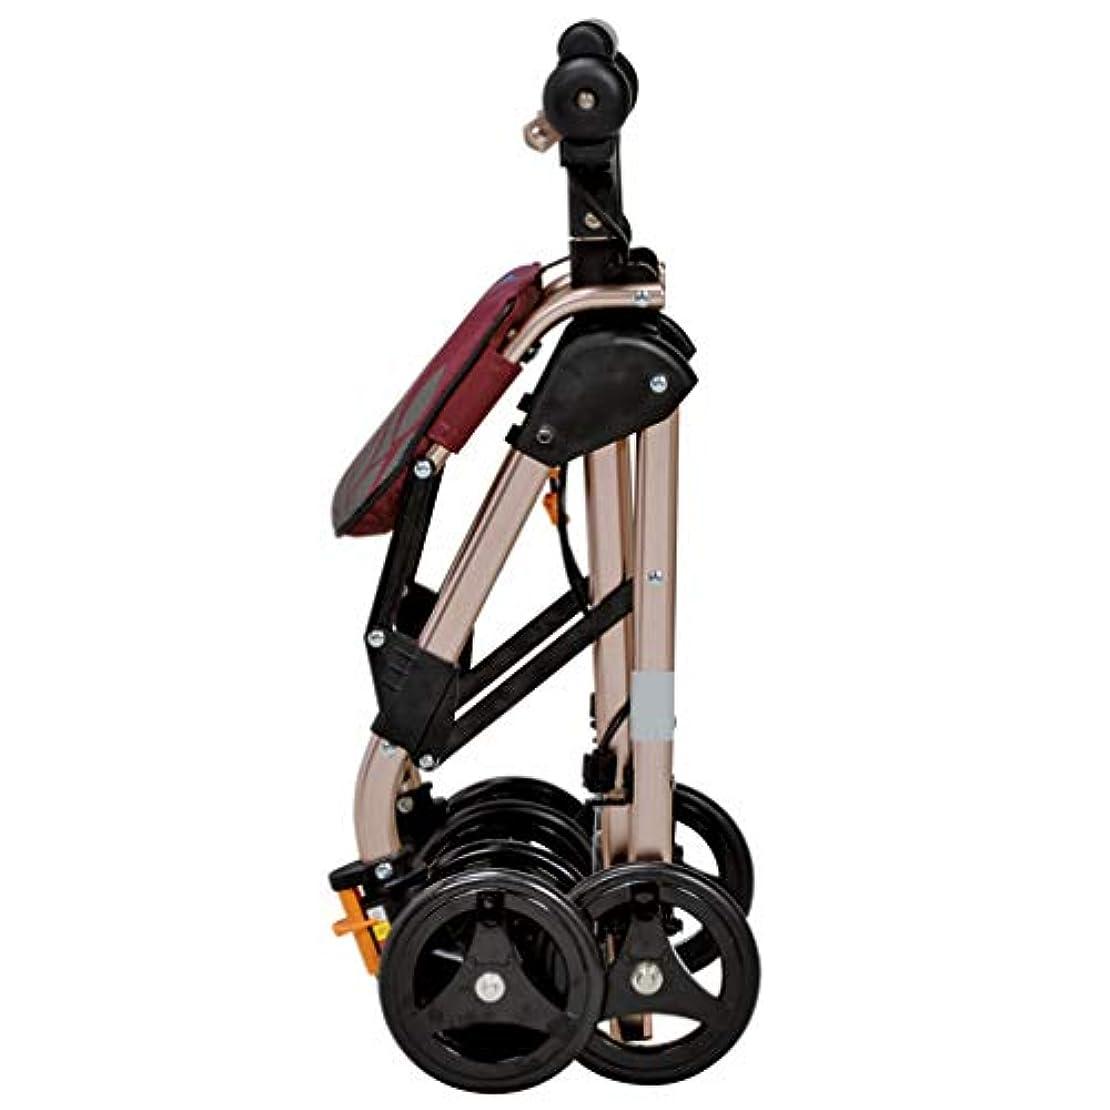 うつセンブランス曲がった4つの車輪の携帯用歩行補助装置の折り畳み式、座席が付いているドライブRollatorの歩行者、高齢者の歩行のために使用される医学の圧延の歩行者の倍のブレーキシステム,ブラウン